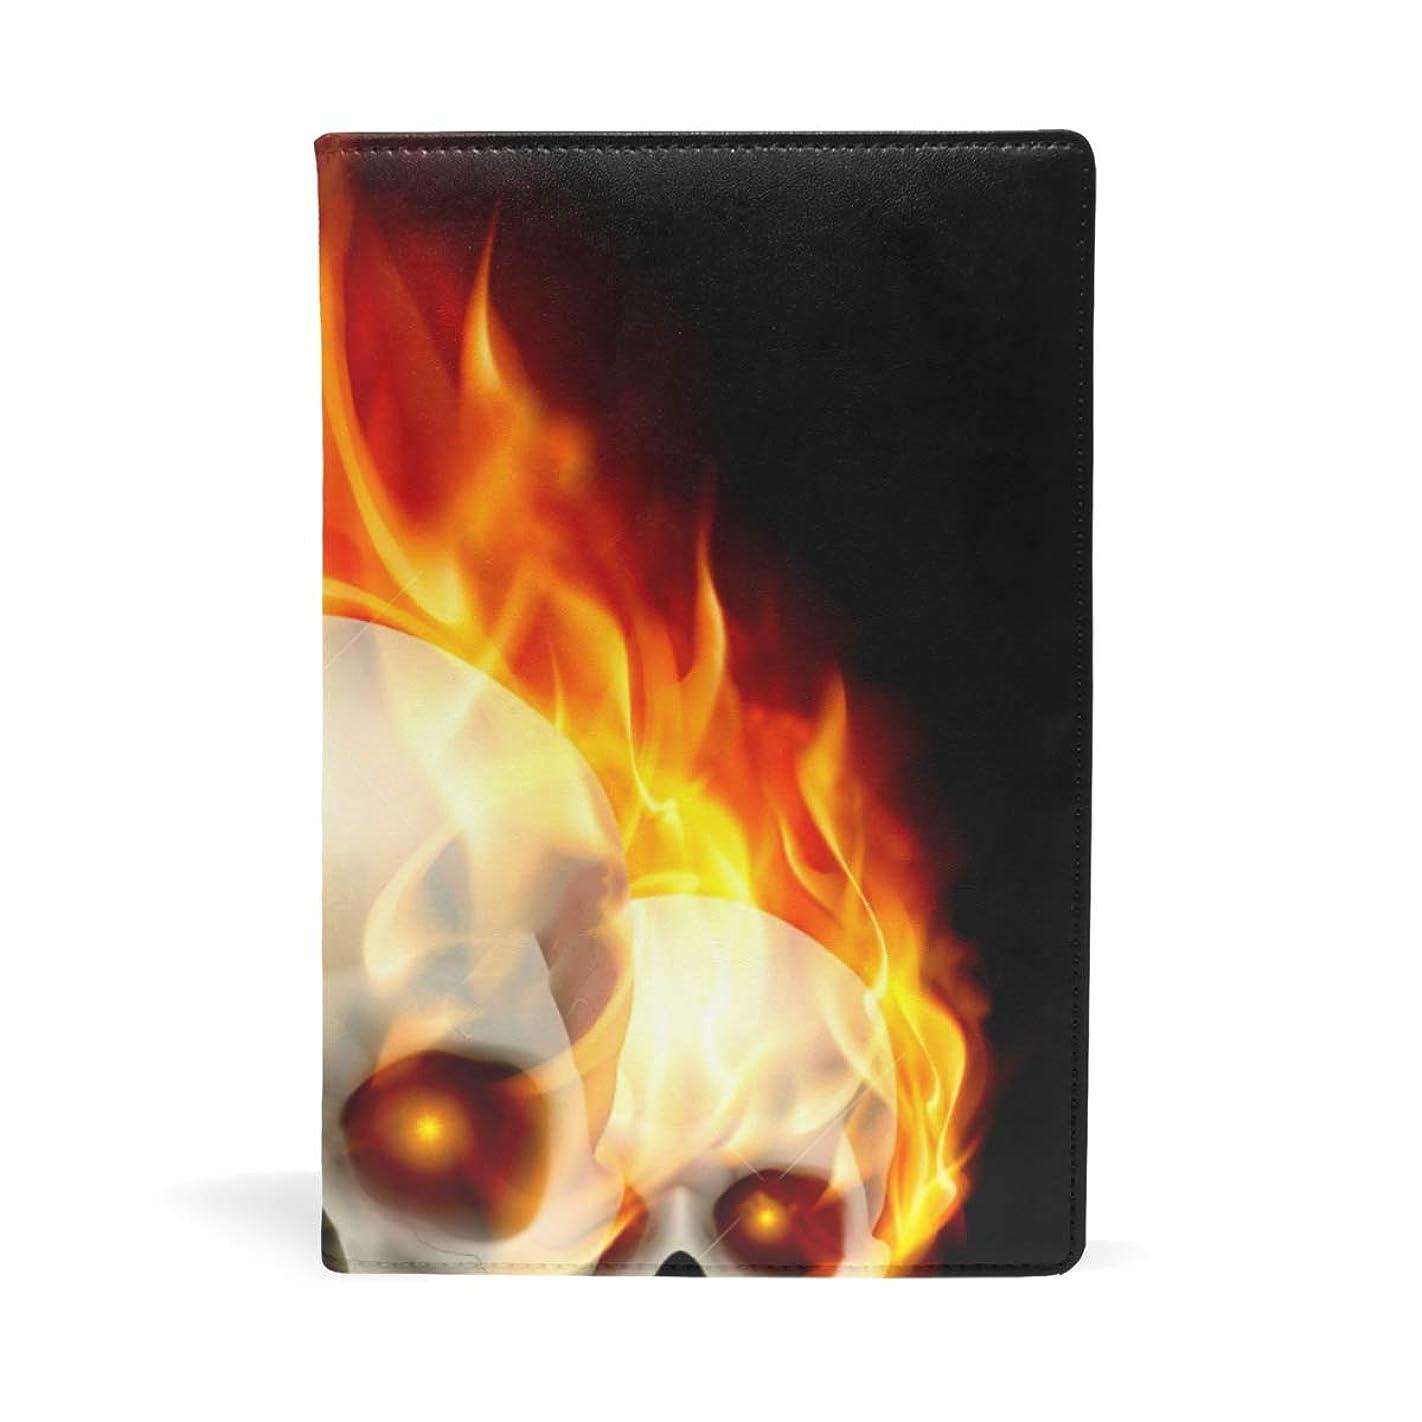 バーマド侵入する美しいブックカバー 文庫 a5 皮革 レザー 火の頭蓋骨 文庫本カバー ファイル 資料 収納入れ オフィス用品 読書 雑貨 プレゼント